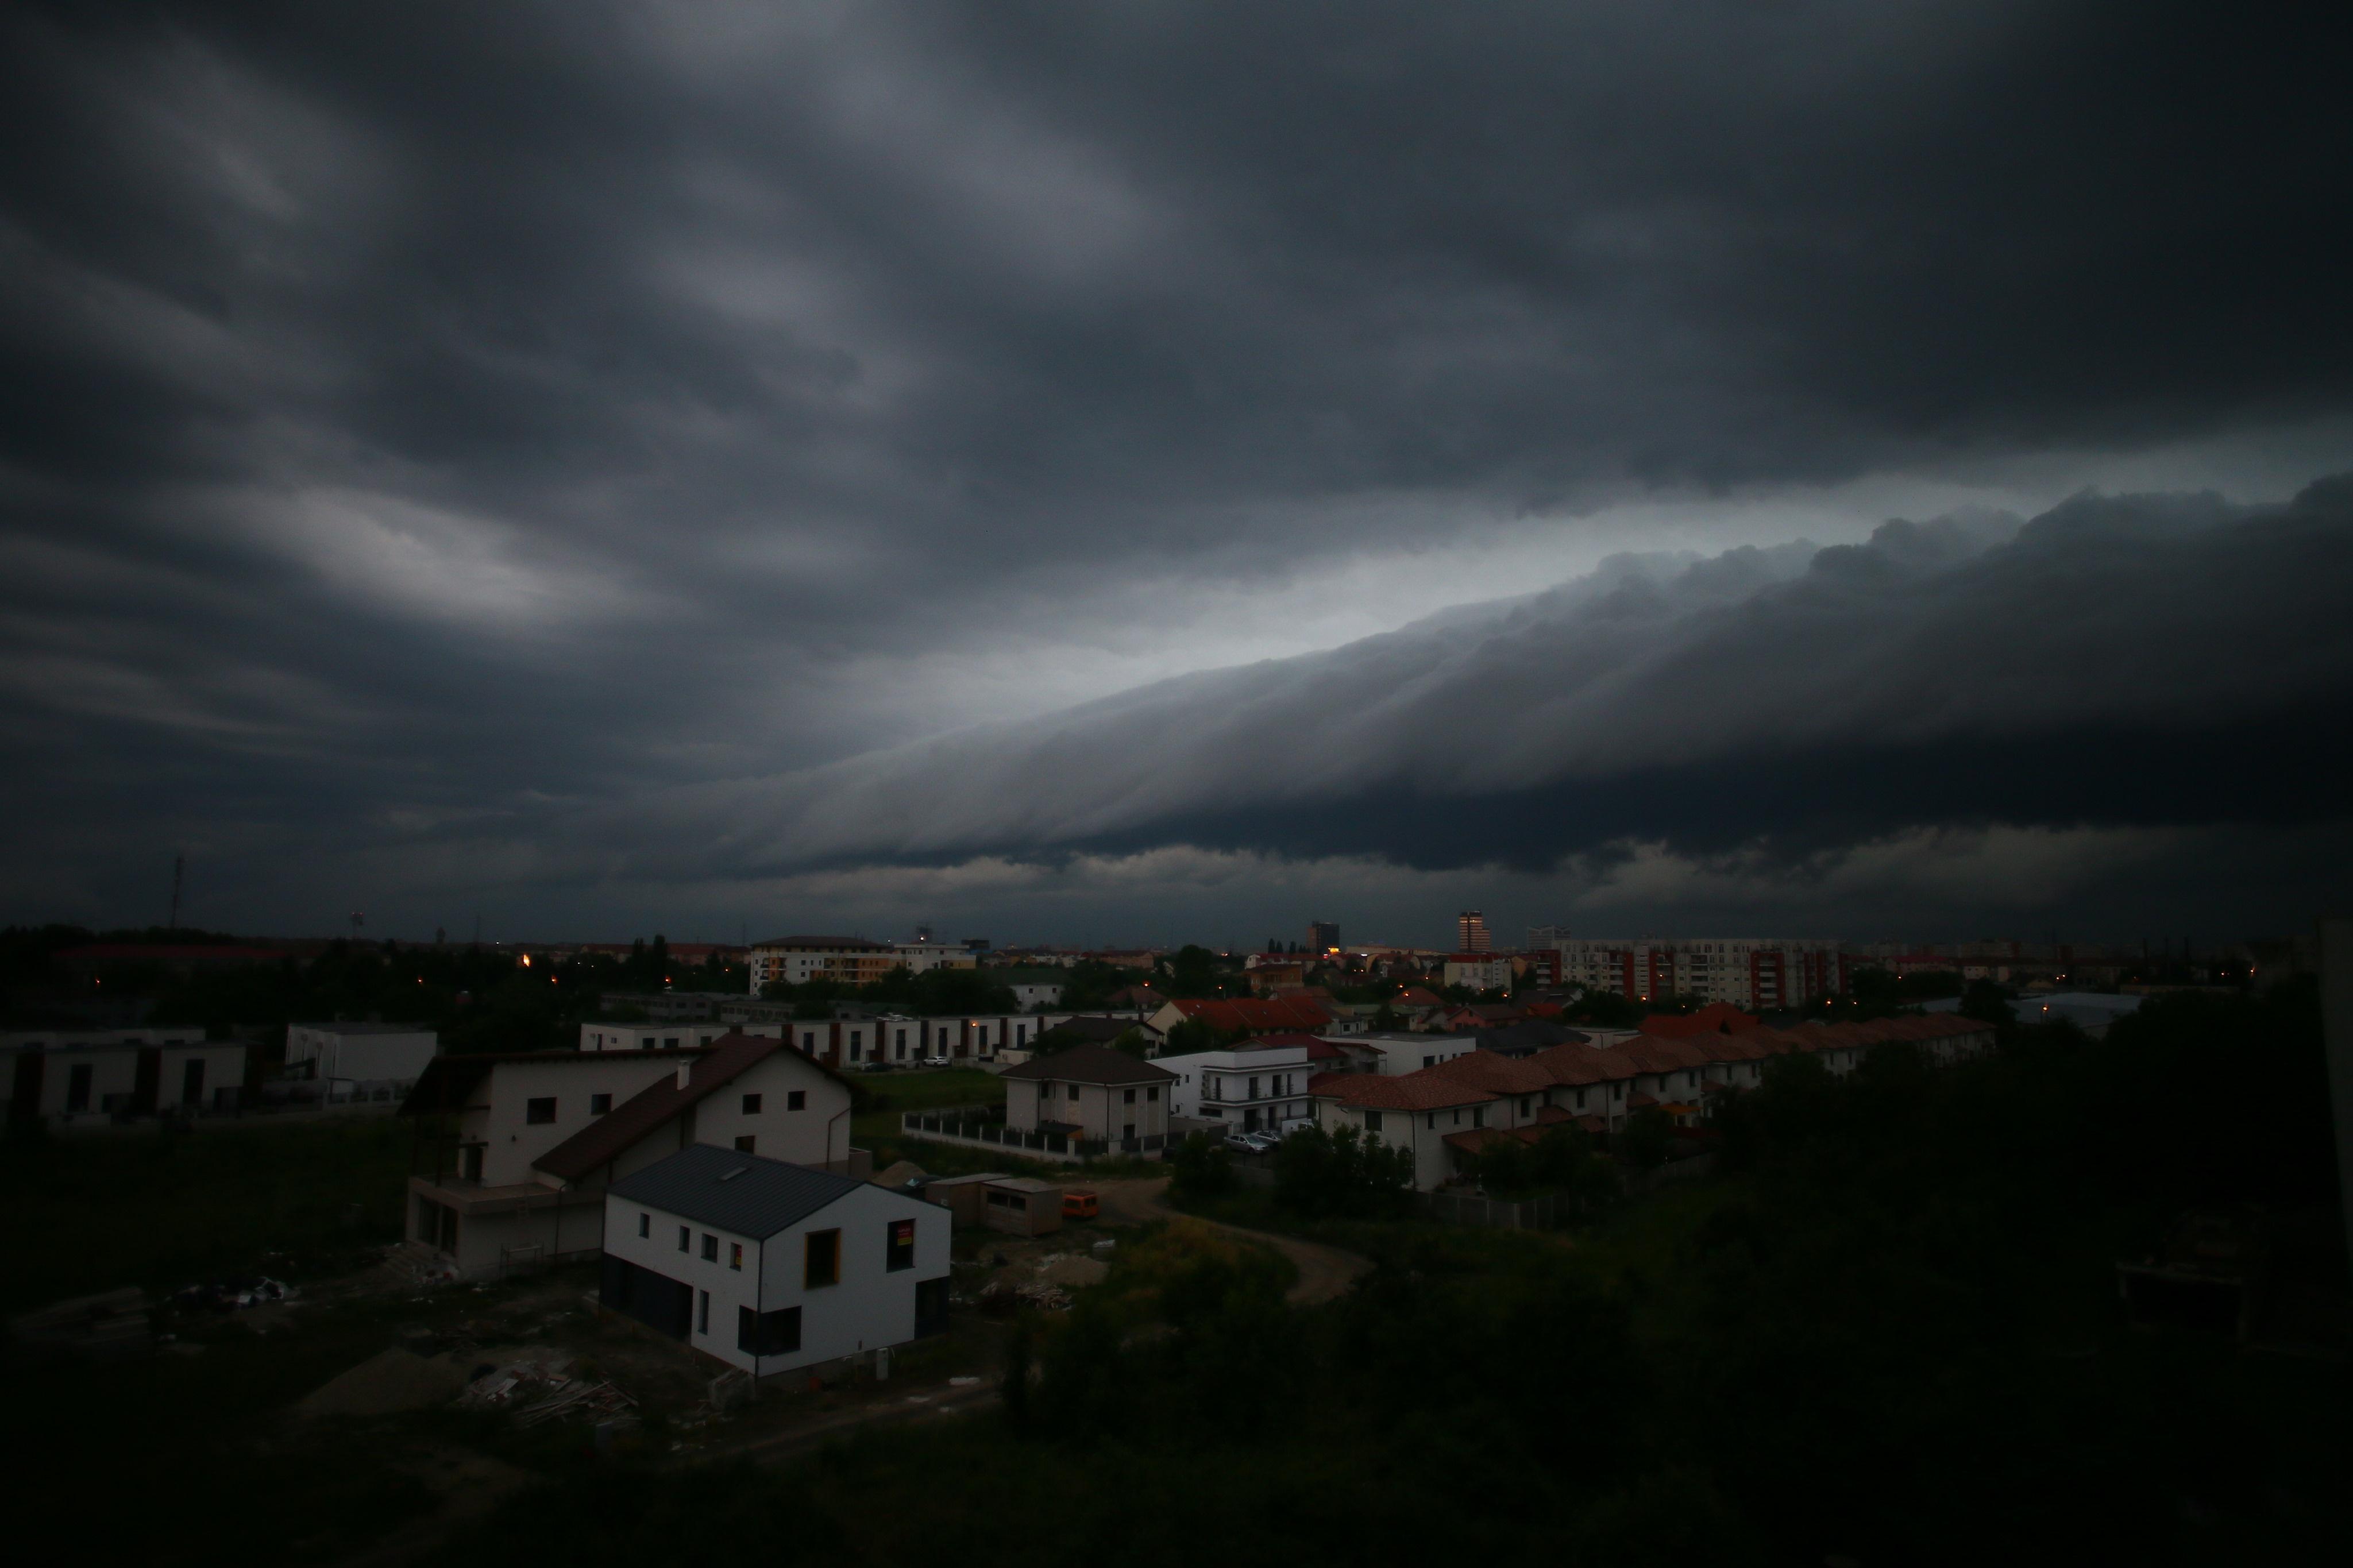 Nori apocaliptici deasupra Timișului, surprinși în imagini